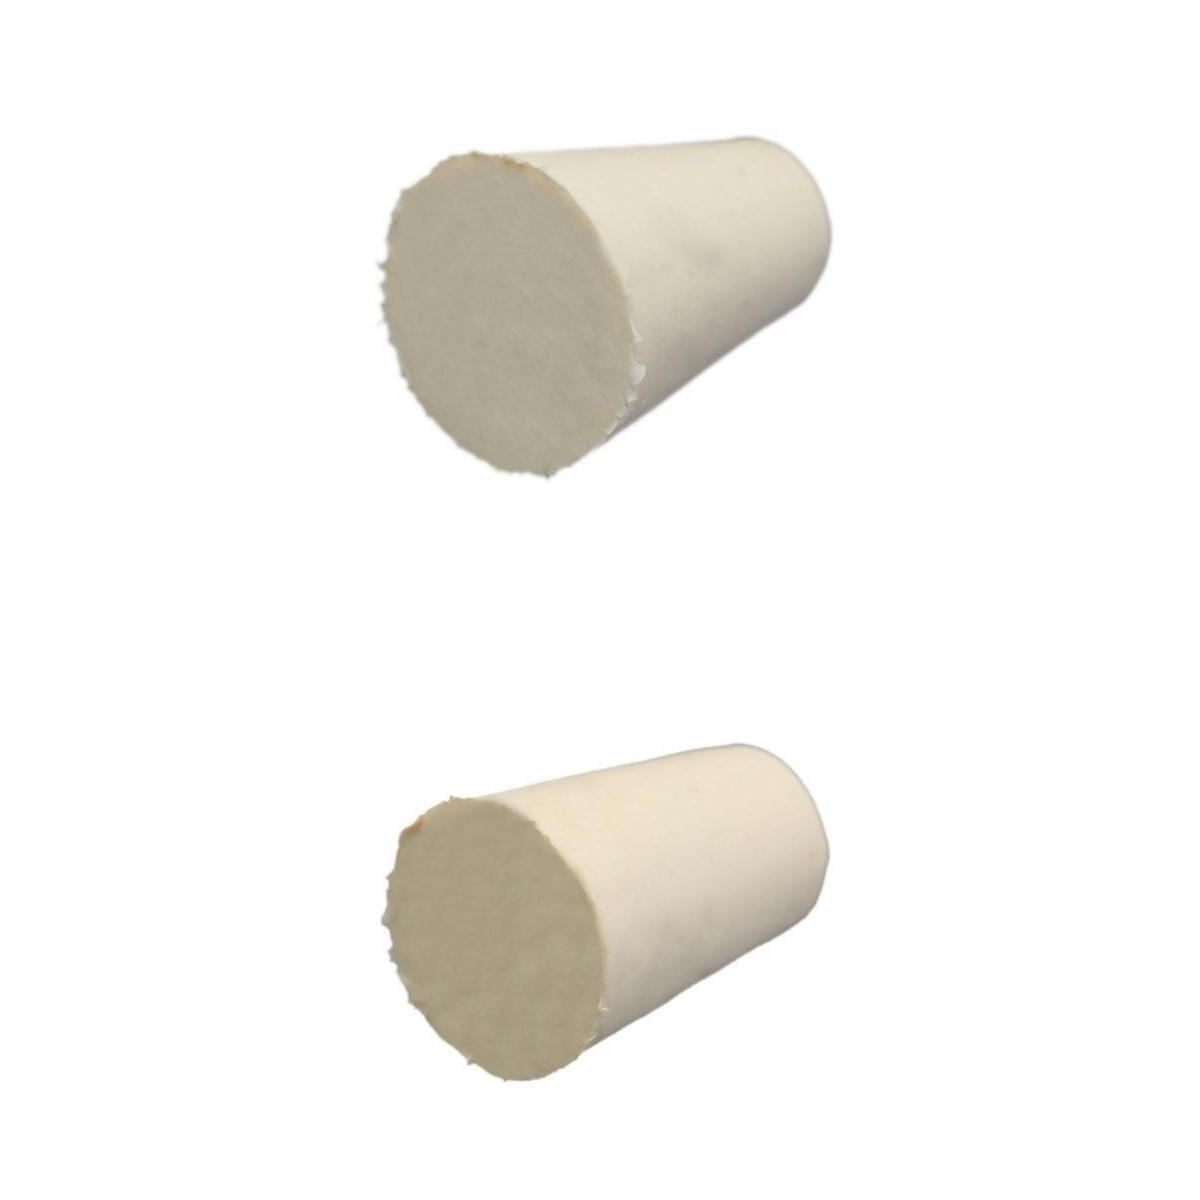 FLAMEER 2 Tailles, Bouchon en Caoutchouc Conique Blanc, Bouchon - Bouchon - 10PCS - Fournitures De Laboratoire